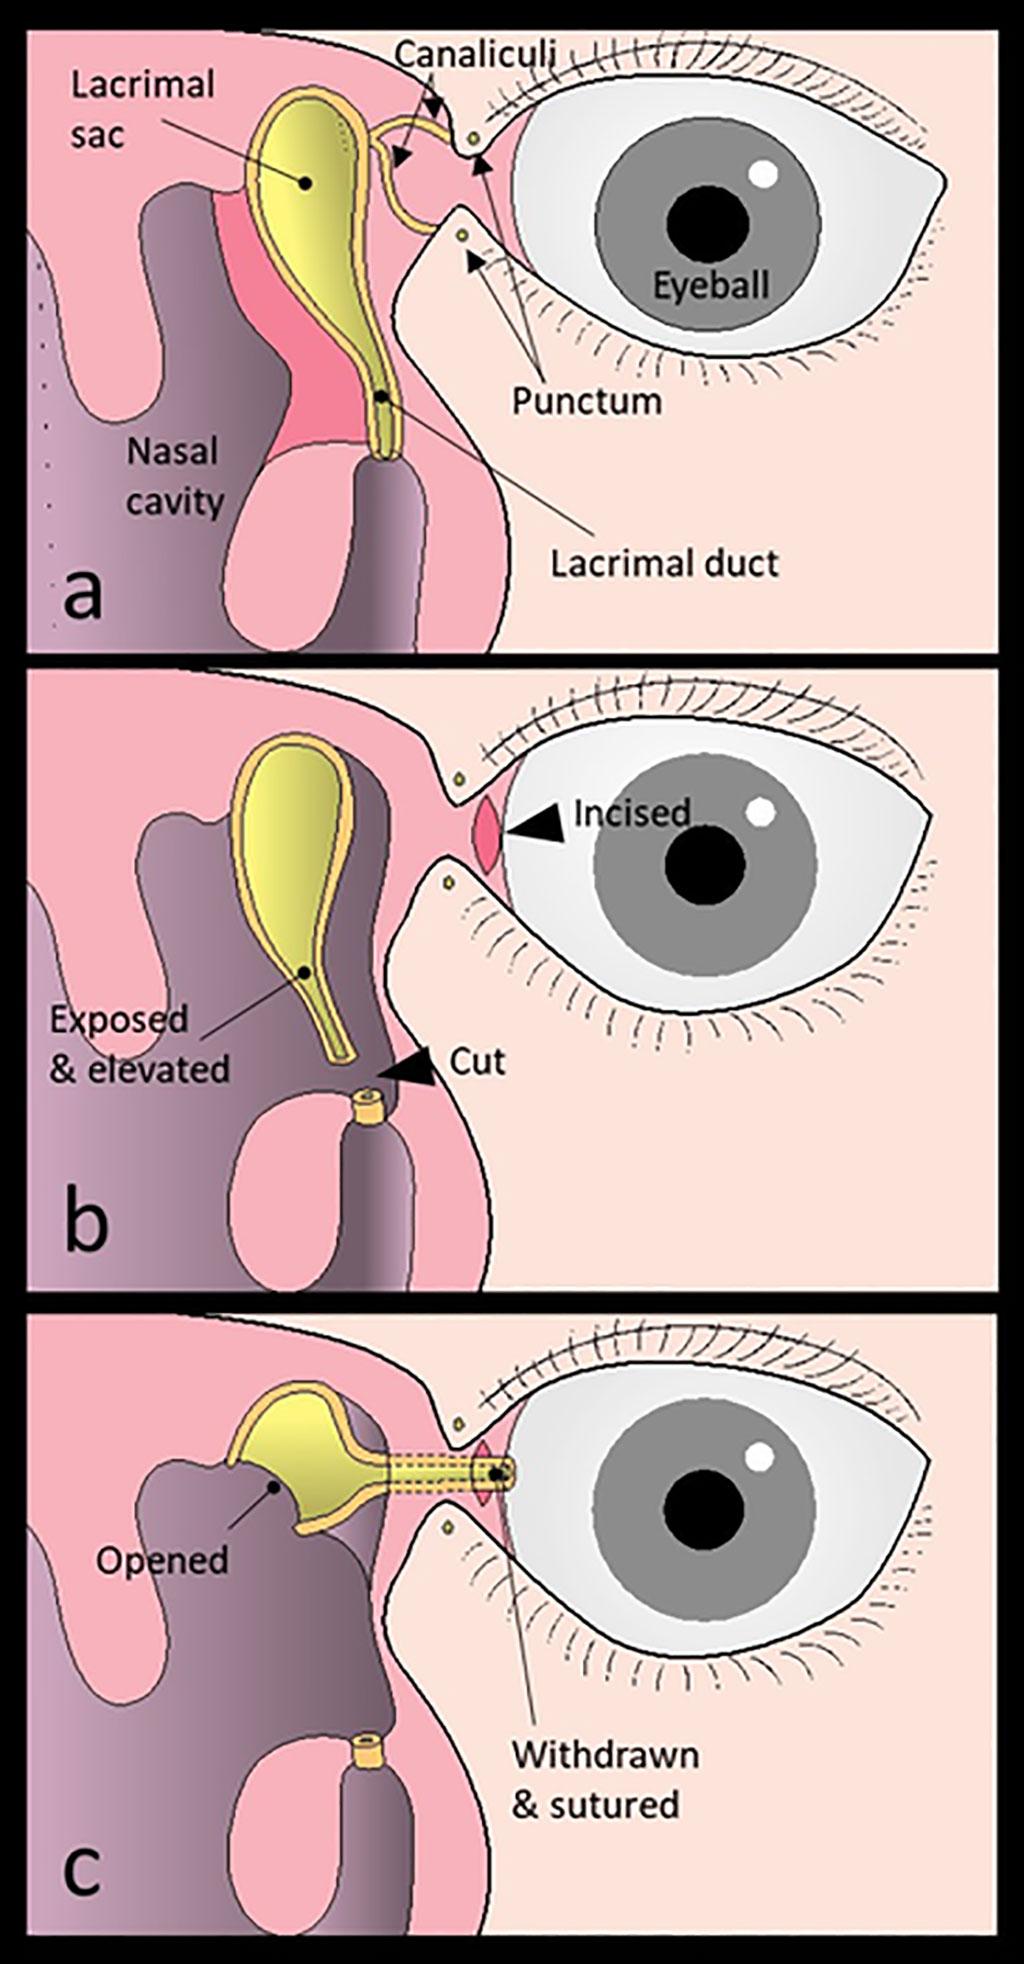 Image: Novel Surgical Procedure Treats Canalicular Obstruction (Photo courtesy of Munetaka Ushio/ Toho University)